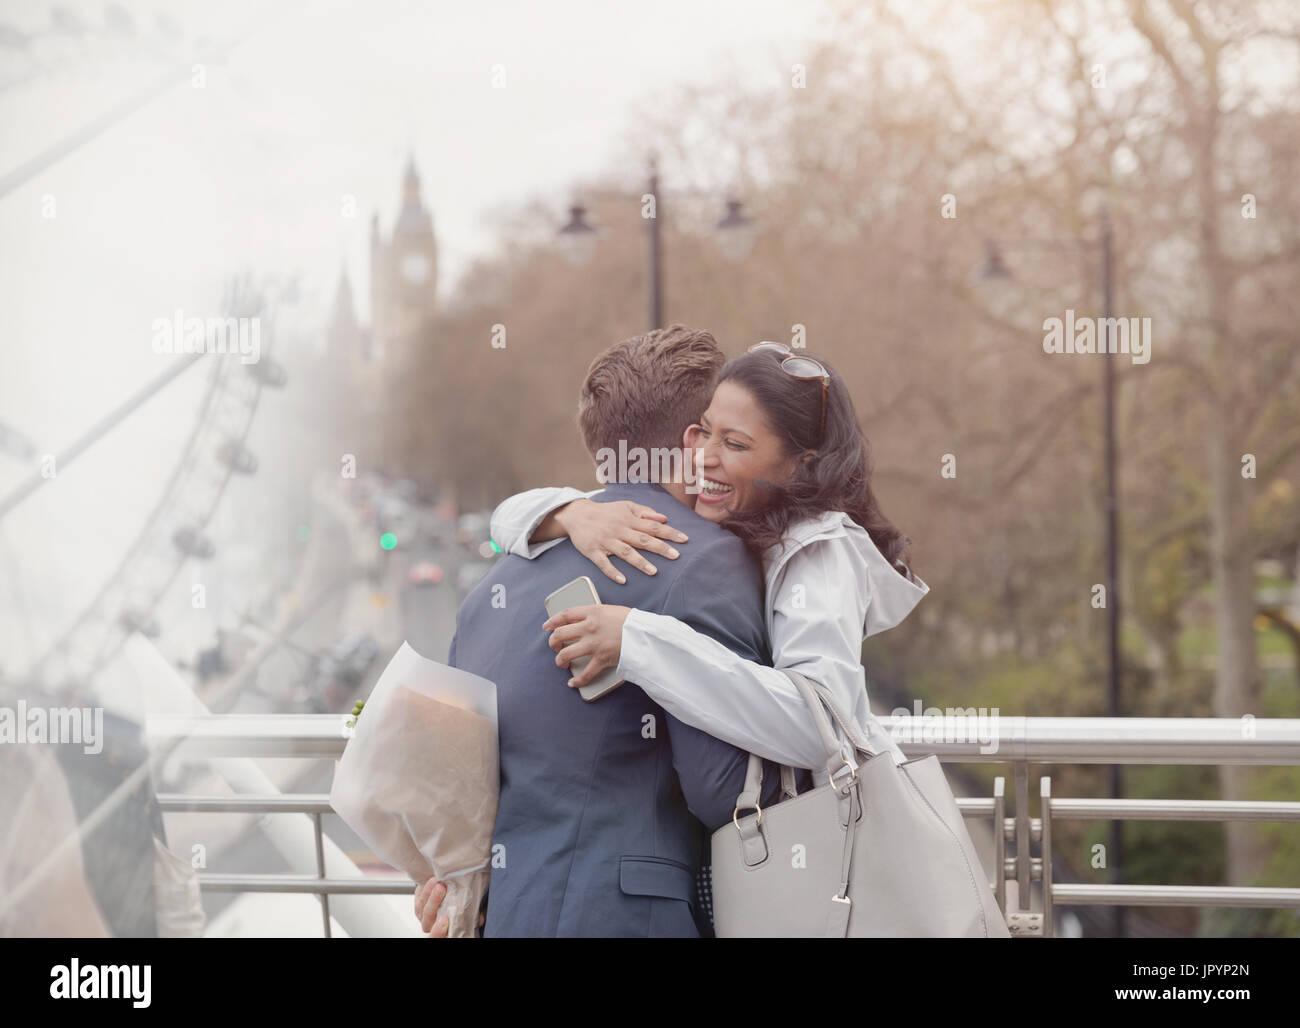 Pareja sonriente abrazando, novio sorprendente novia con flores en puente urbano, Londres, Reino Unido. Imagen De Stock